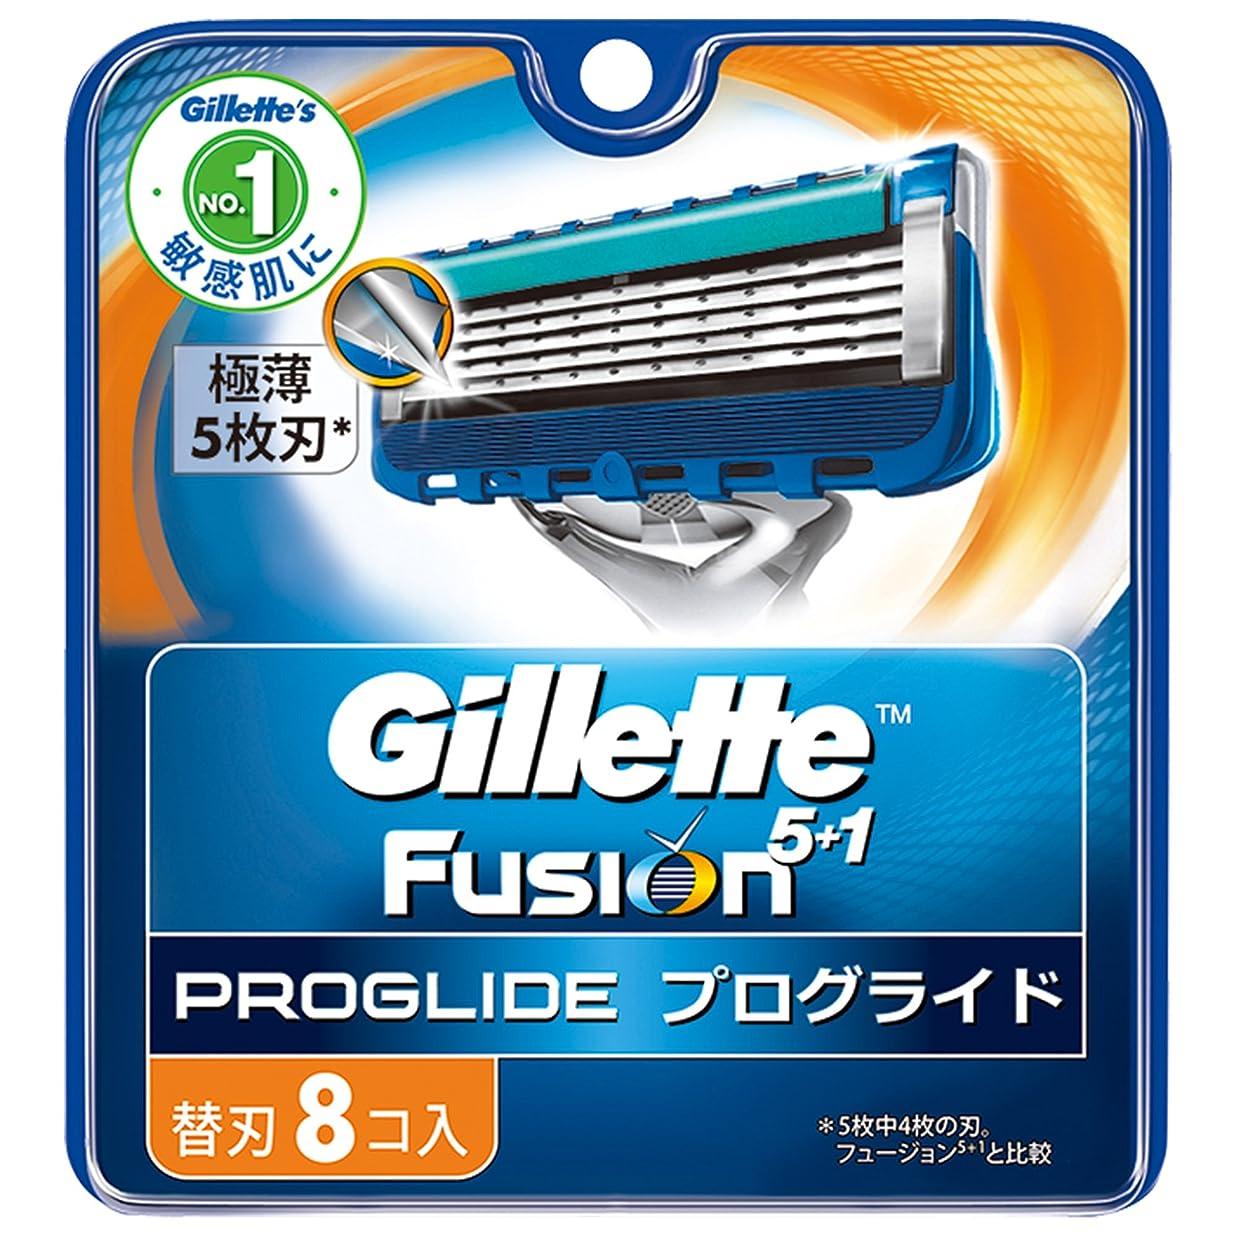 時代クライストチャーチカスタムジレット プログライド フレックスボール マニュアル 髭剃り 替刃 8コ入